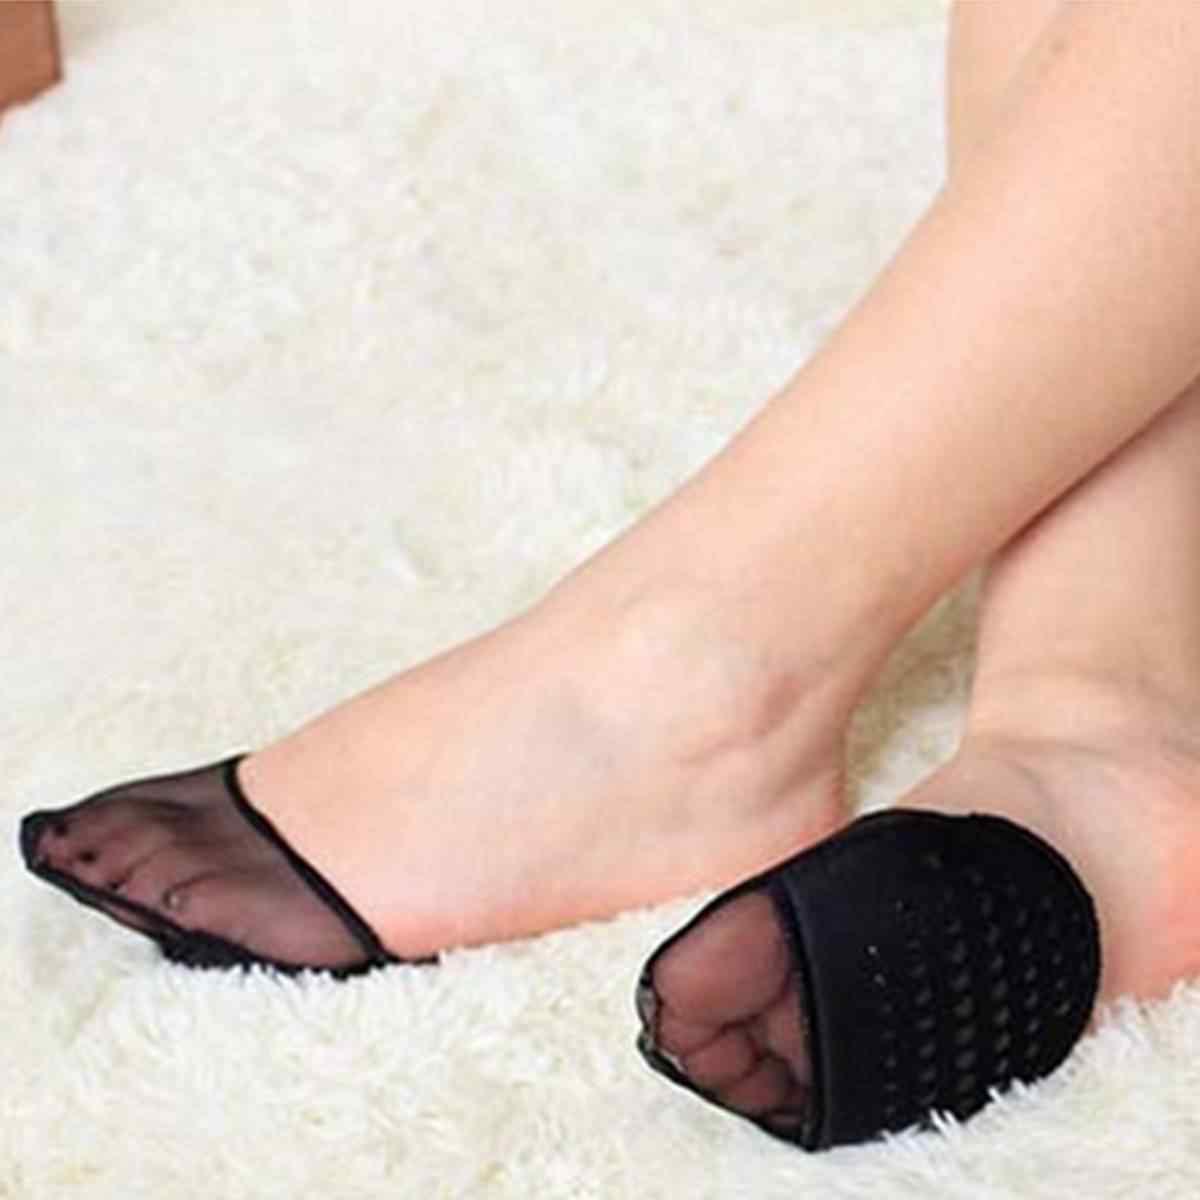 1 cặp Mùa Hè Bán Lòng Bàn Tay Vớ Thuyền Vớ Cotton Rắn Giày Cao gót Vô Hình Phụ Nữ Vớ Thở Bình Thường Ladies Vui acrylic